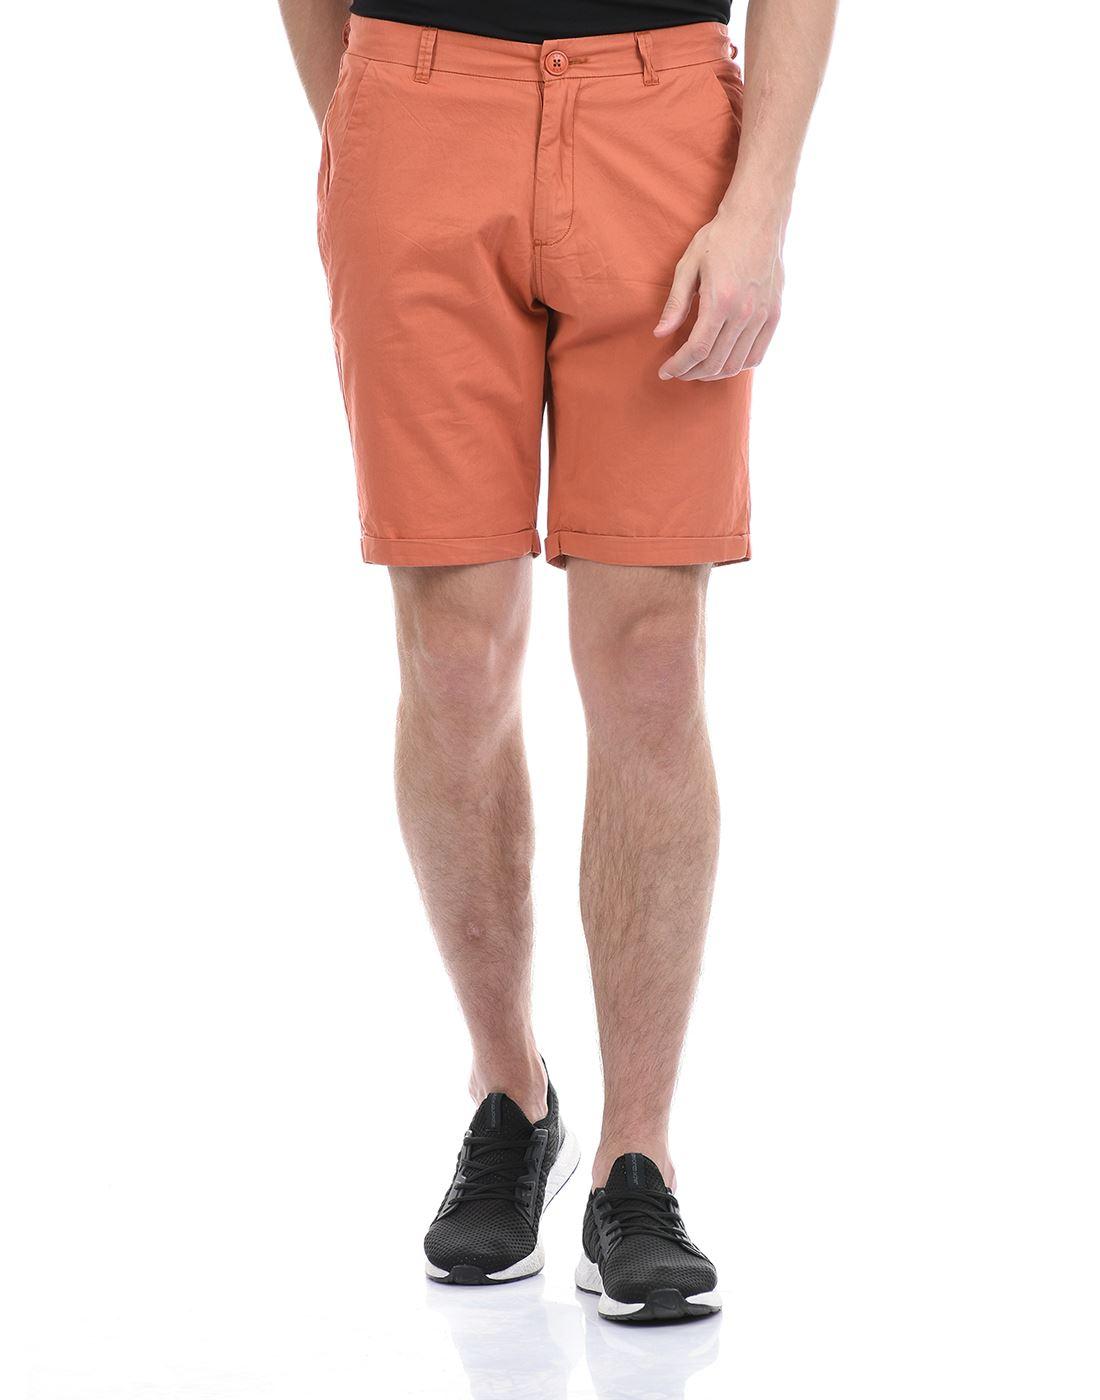 Gas Jeans Men Casual Wear Orange Shorts